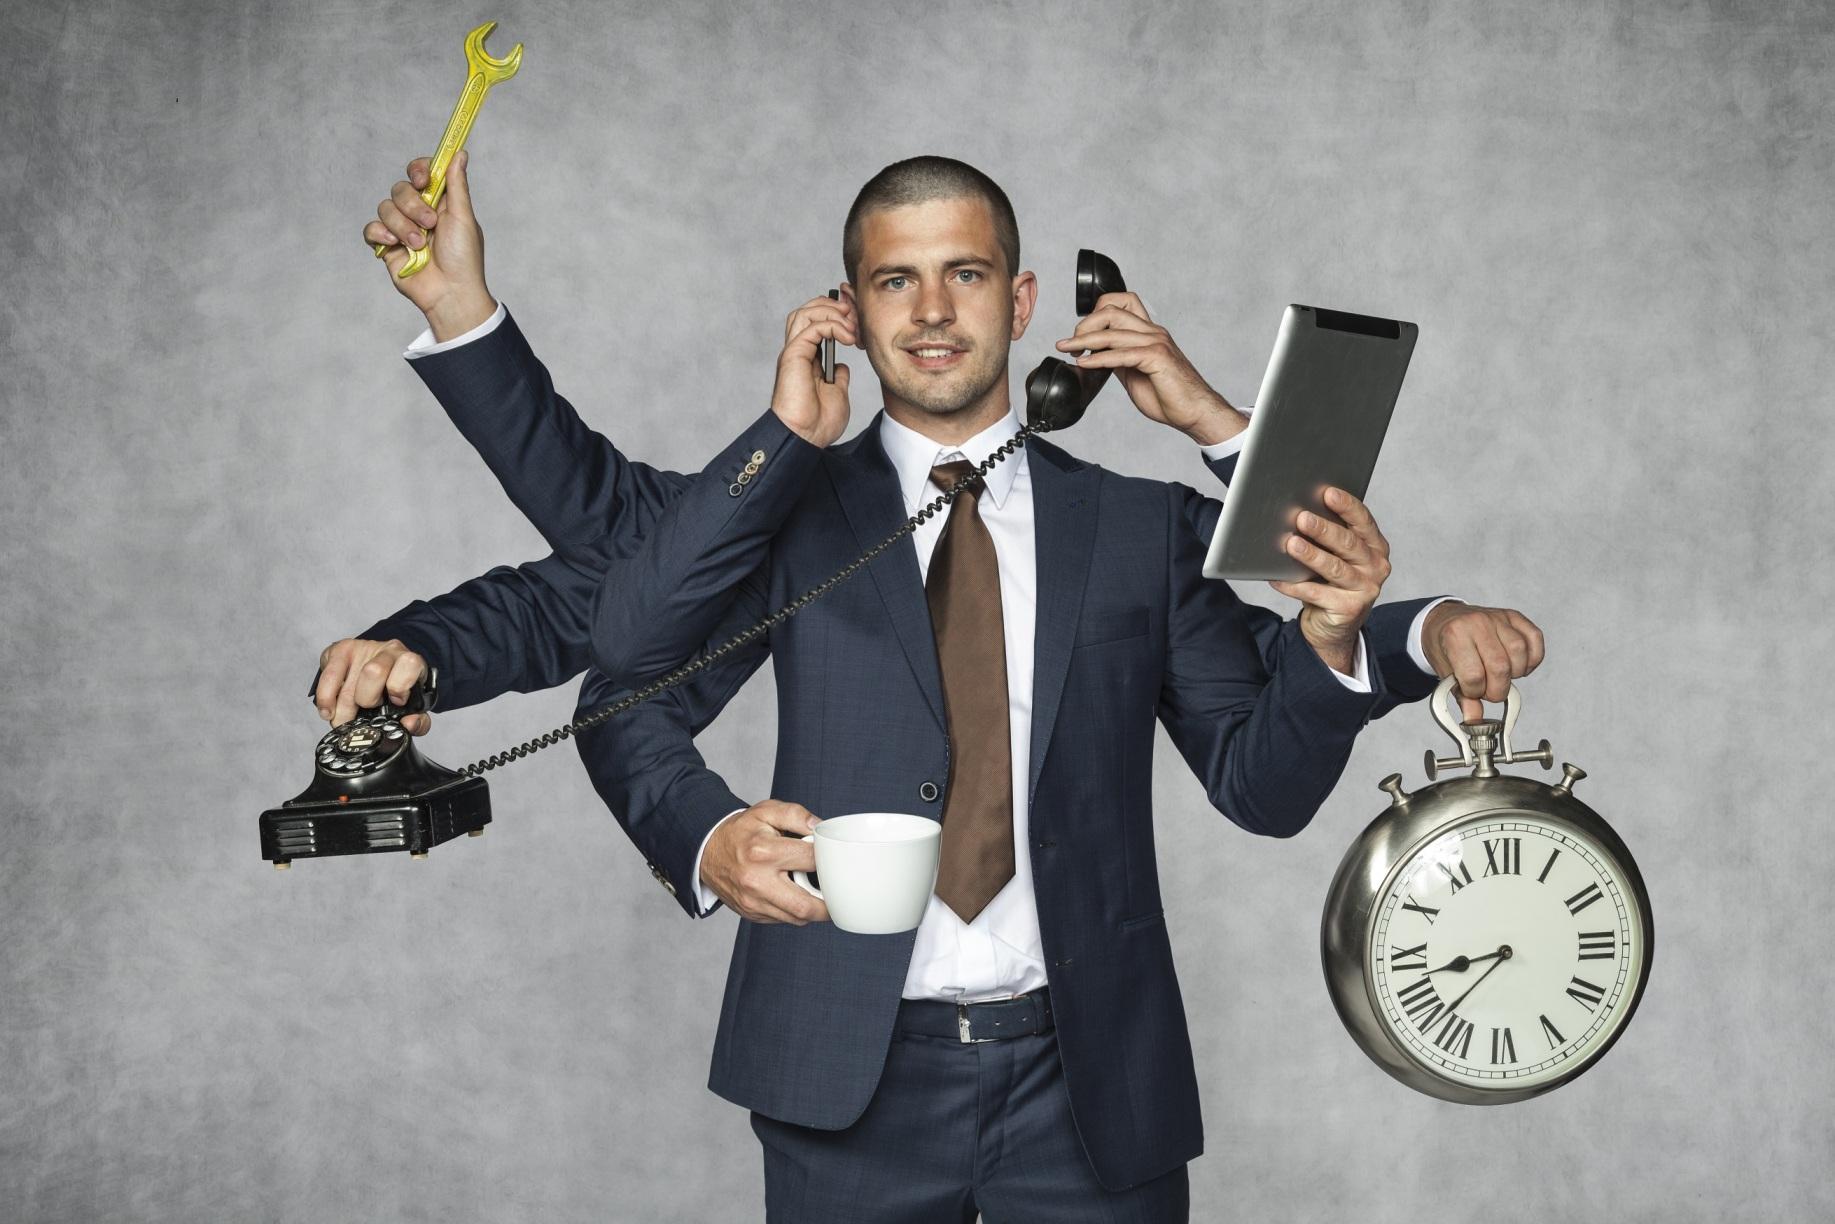 【業務改善】決算業務の効率化に関わる4つのポイント